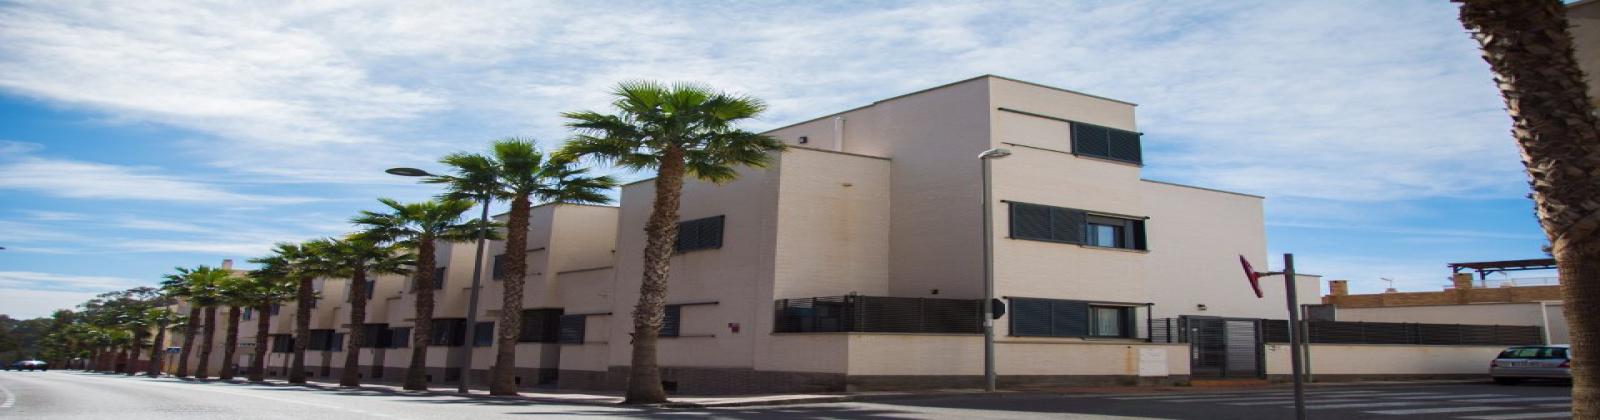 Calle Germanos 8, Roquetas de Mar, Almería 04720, 6 Habitaciones Habitaciones, ,3 BathroomsBathrooms,Viviendas,En venta,Villas de Aguamarina III,Calle Germanos,1034